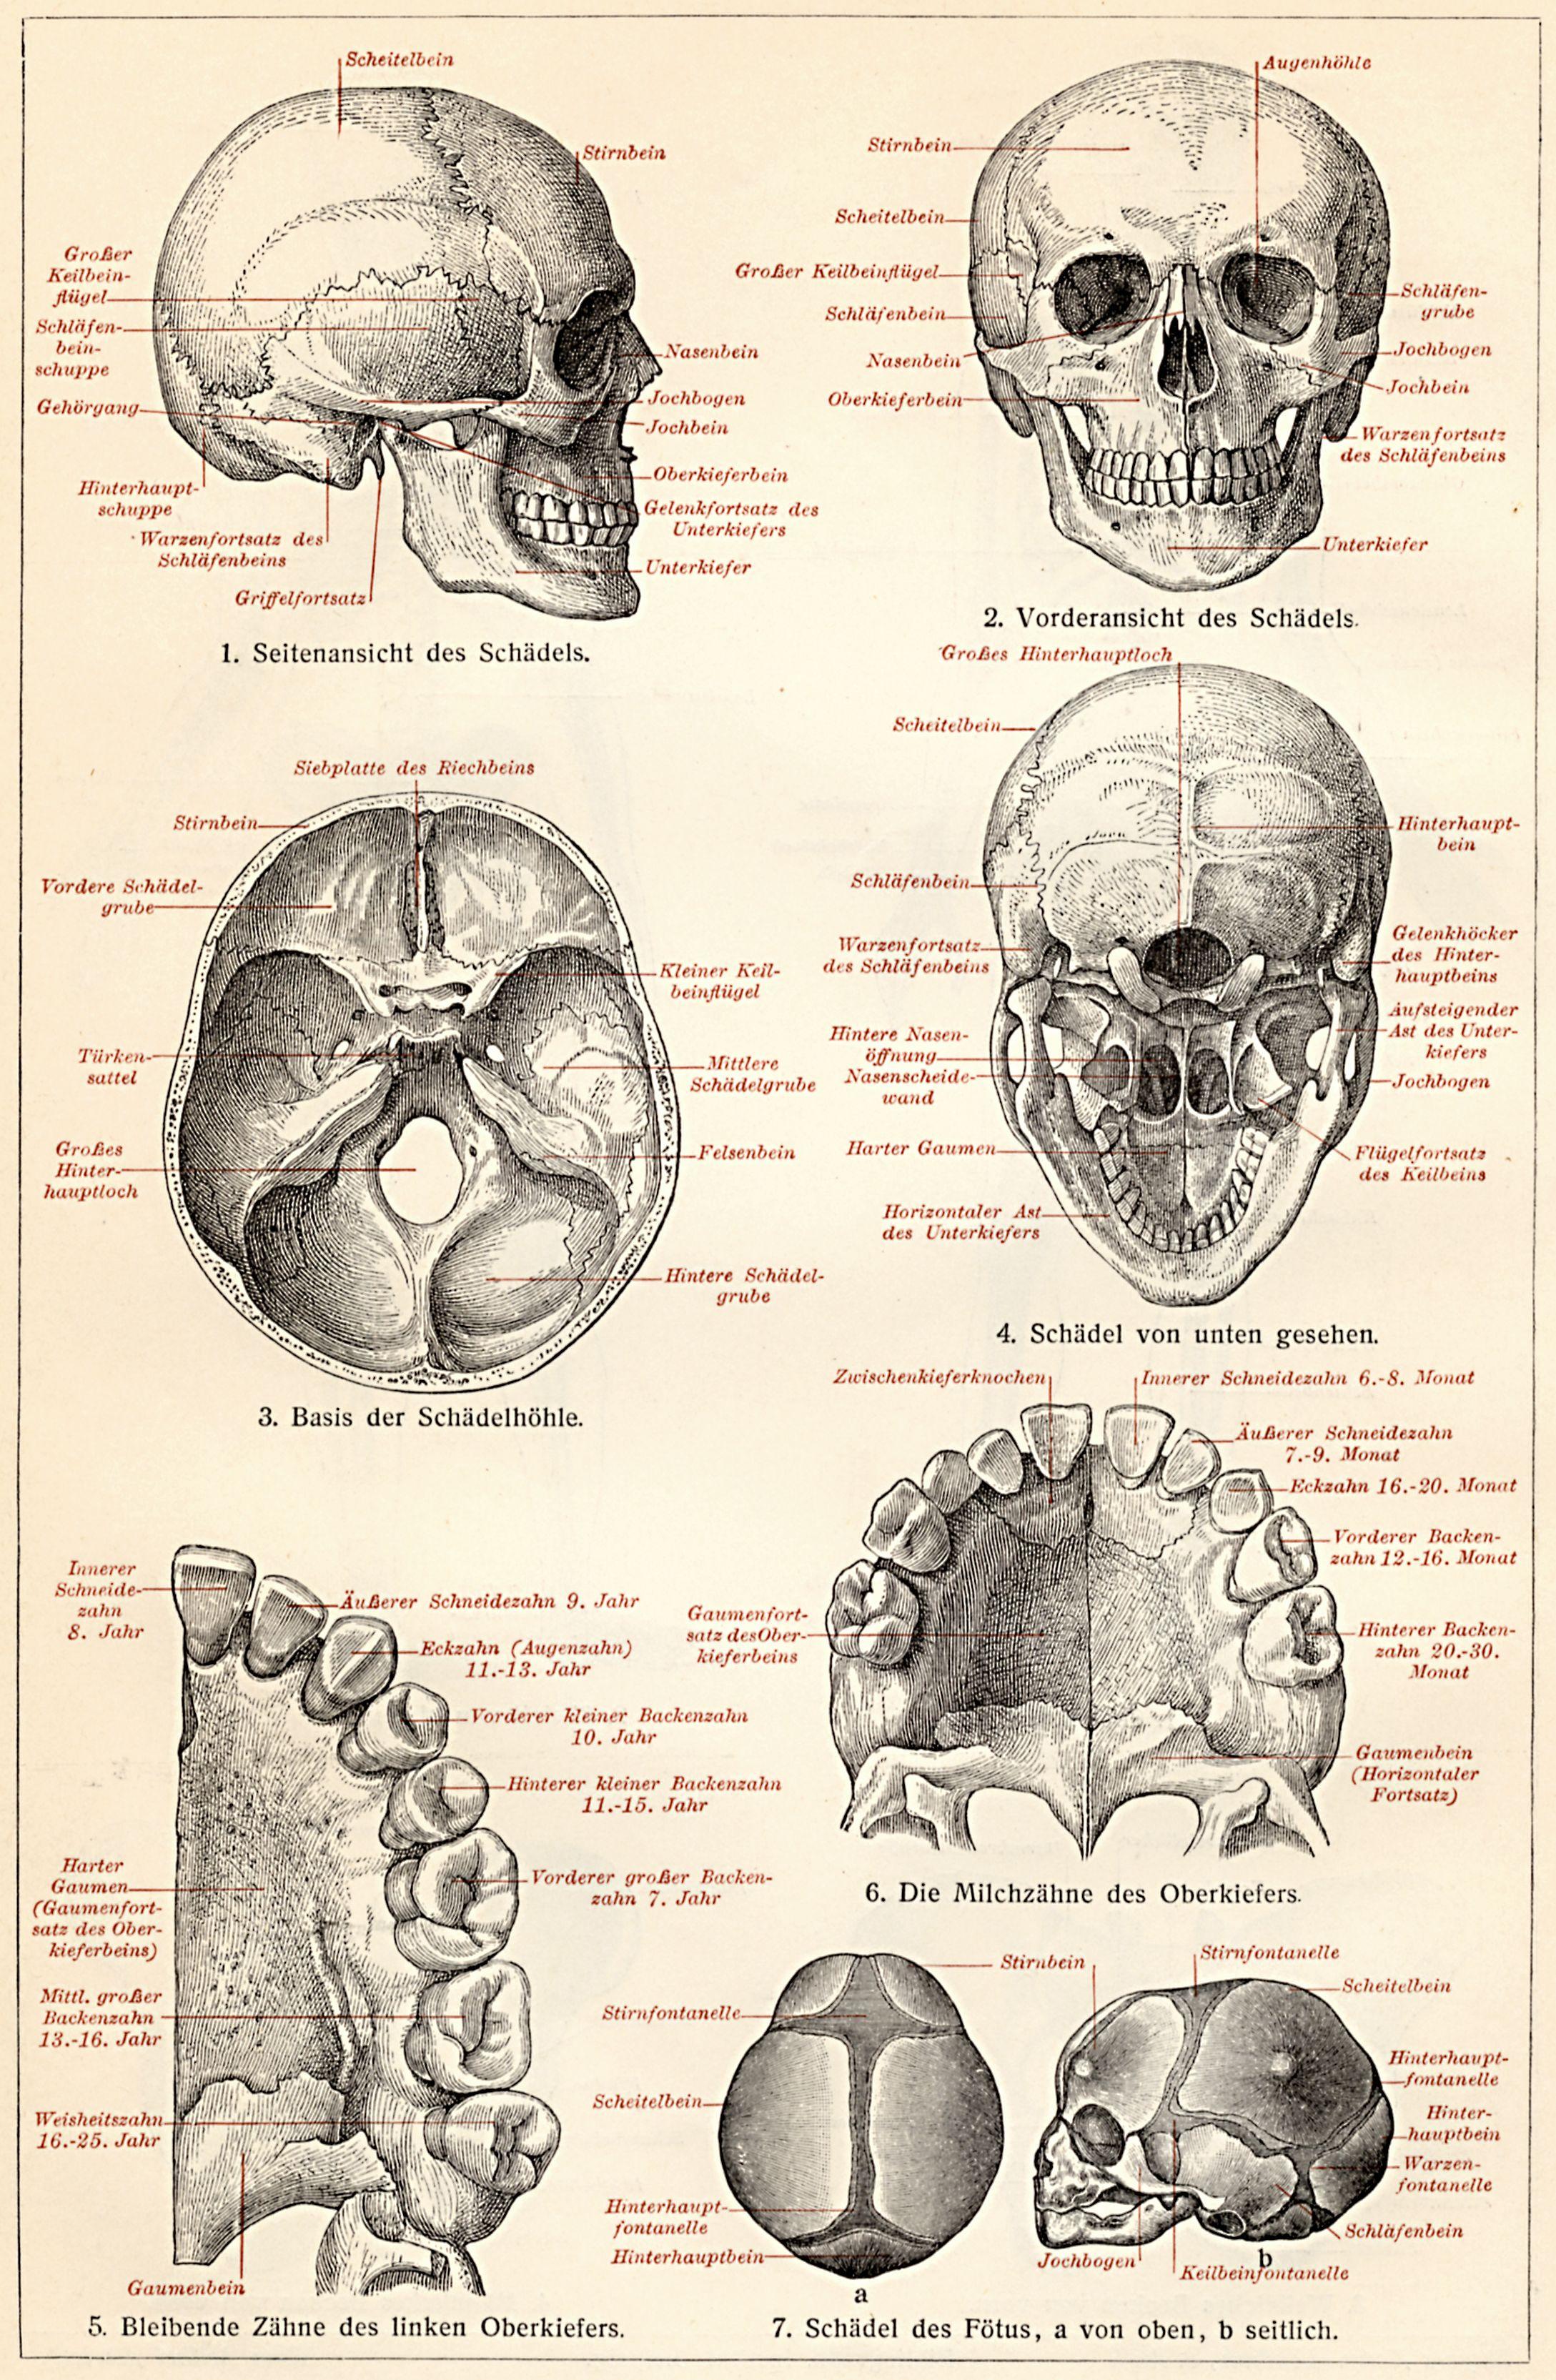 anatomie schädel mensch